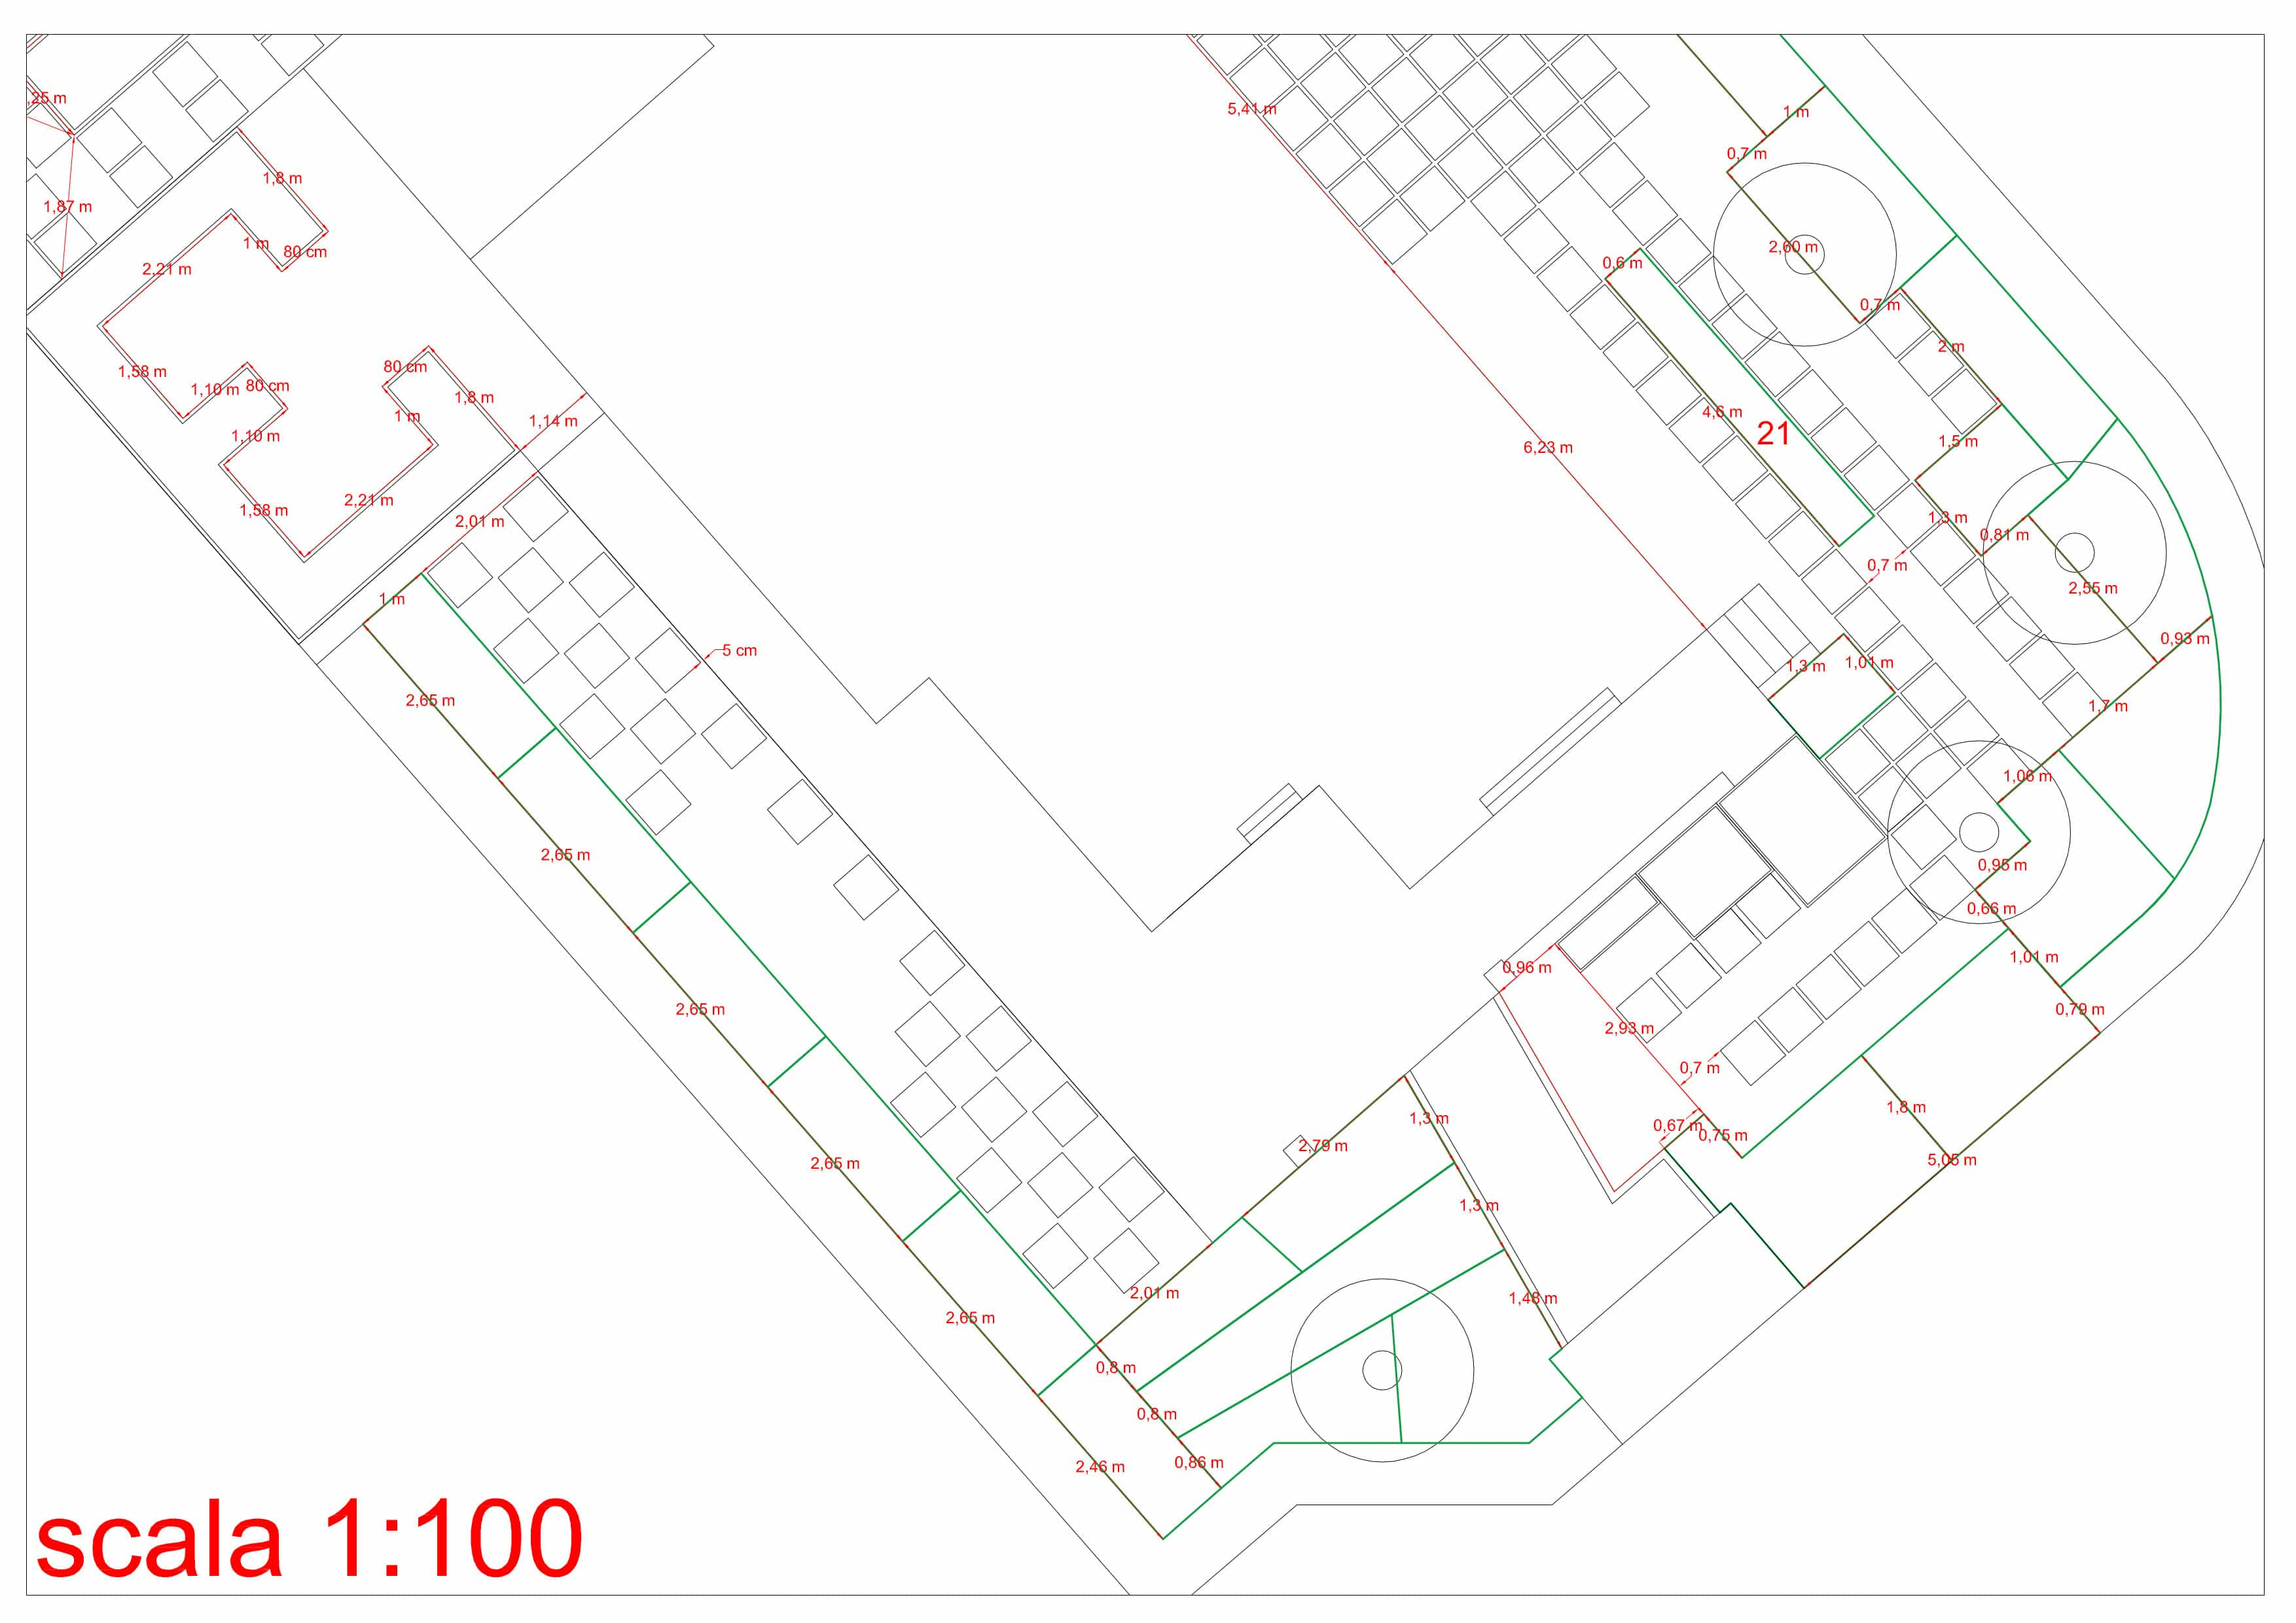 Progetti giardini archivi davide giorgi paesaggista - Tavola valdese progetti approvati 2015 ...